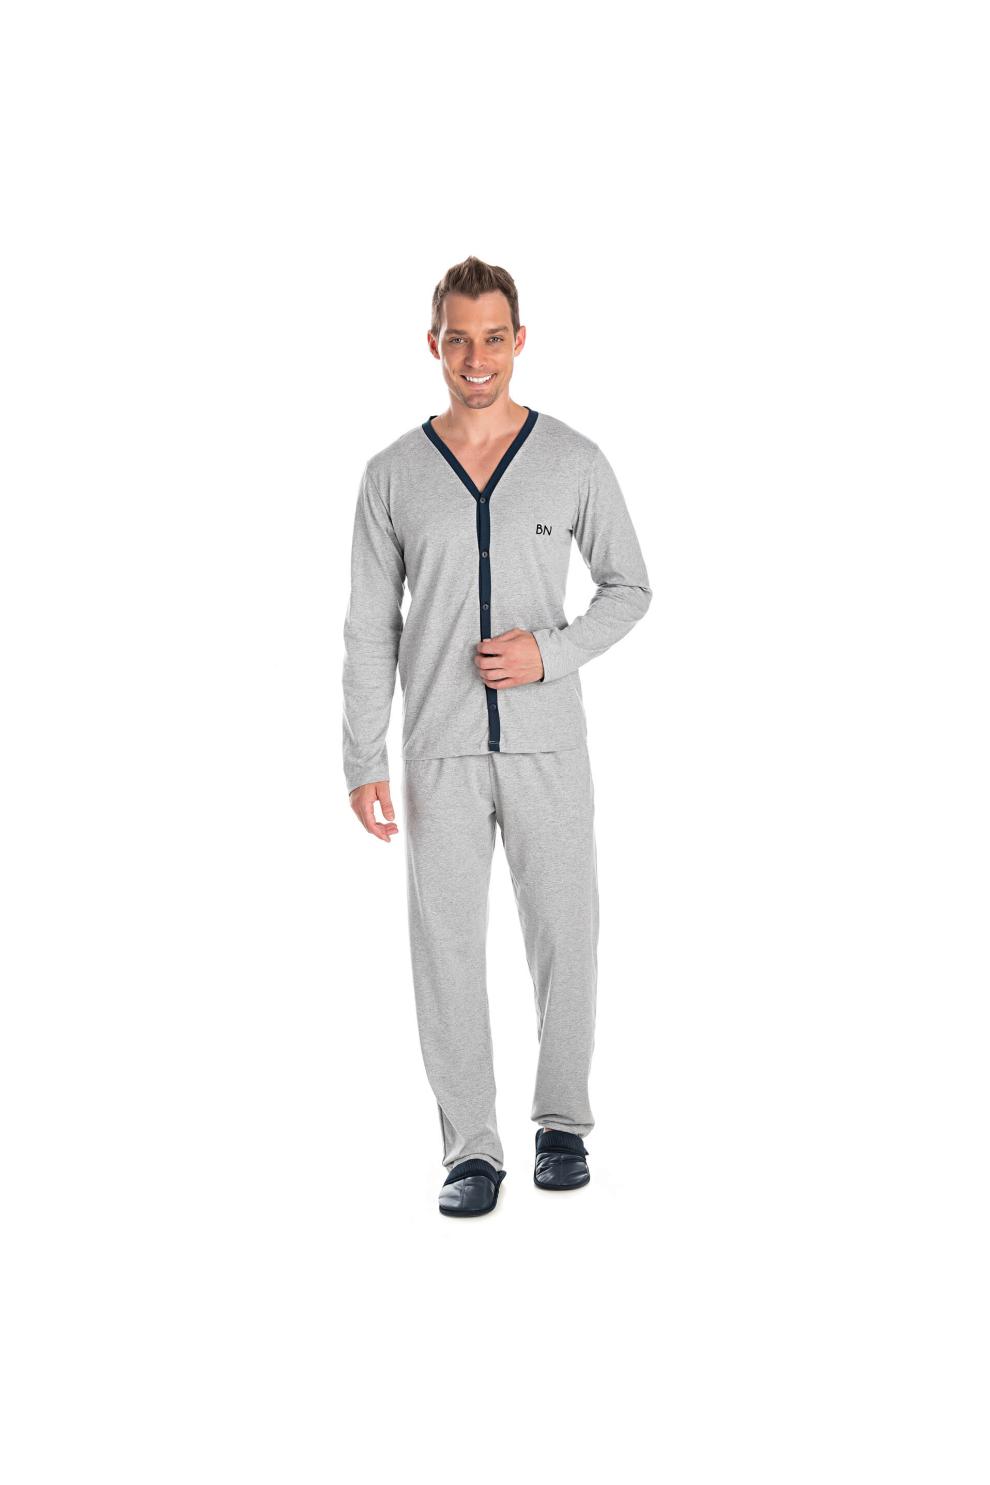 025/B - Pijama Adulto Masculino Aberto